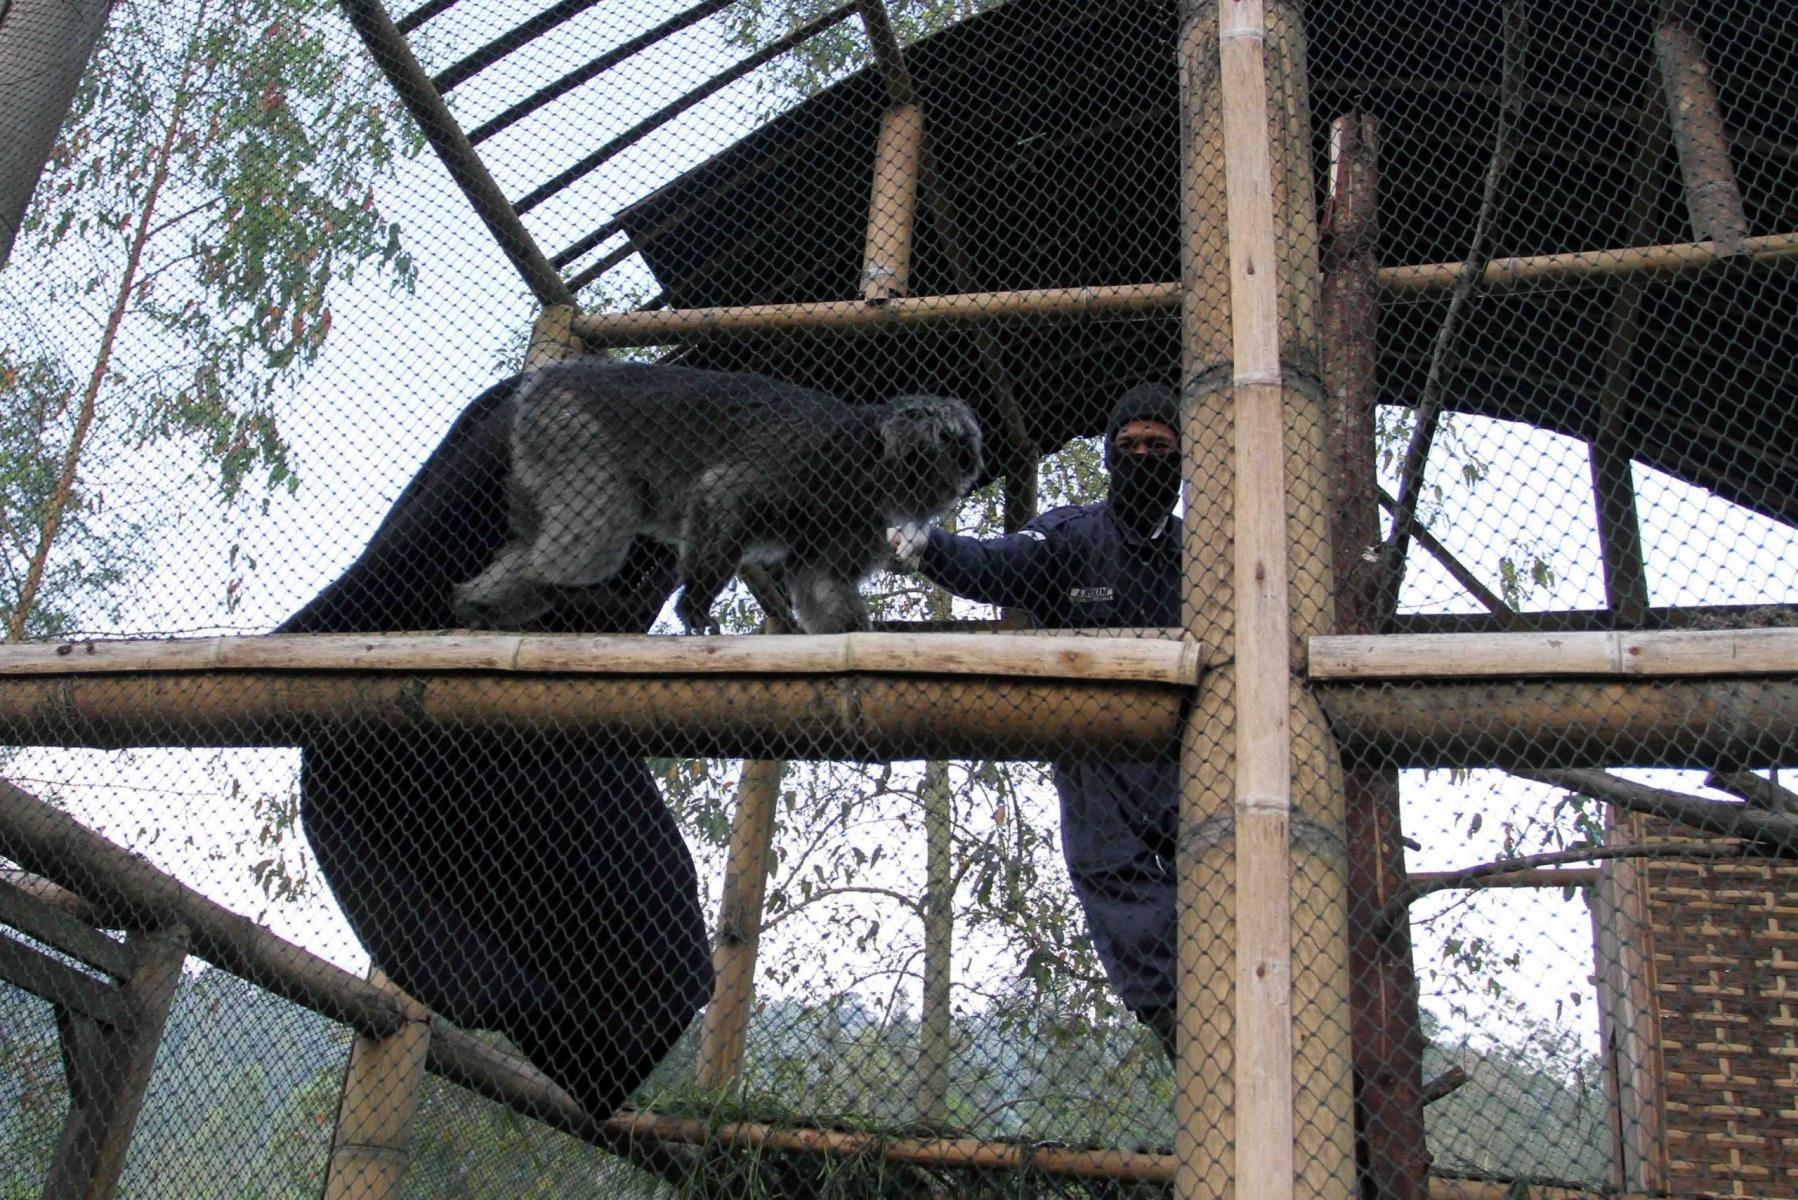 Perawat hewan mencoba menangkap satwa lutung jawa menggunakan jaring di dalam kandang sosialisasi Javan Langur Center, Coban Talun, Batu, Jawa Timur. TEMPO/STR/Aris Novia Hidayat